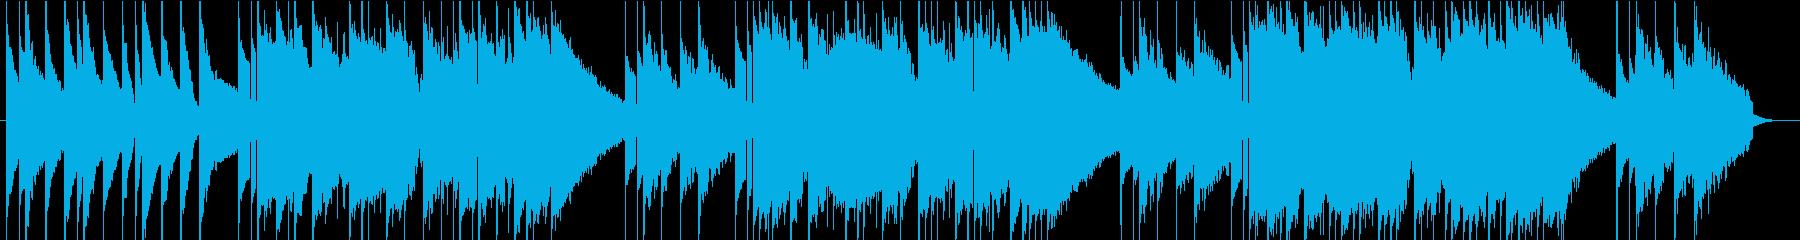 ハッピーバースデー オルゴール風の再生済みの波形